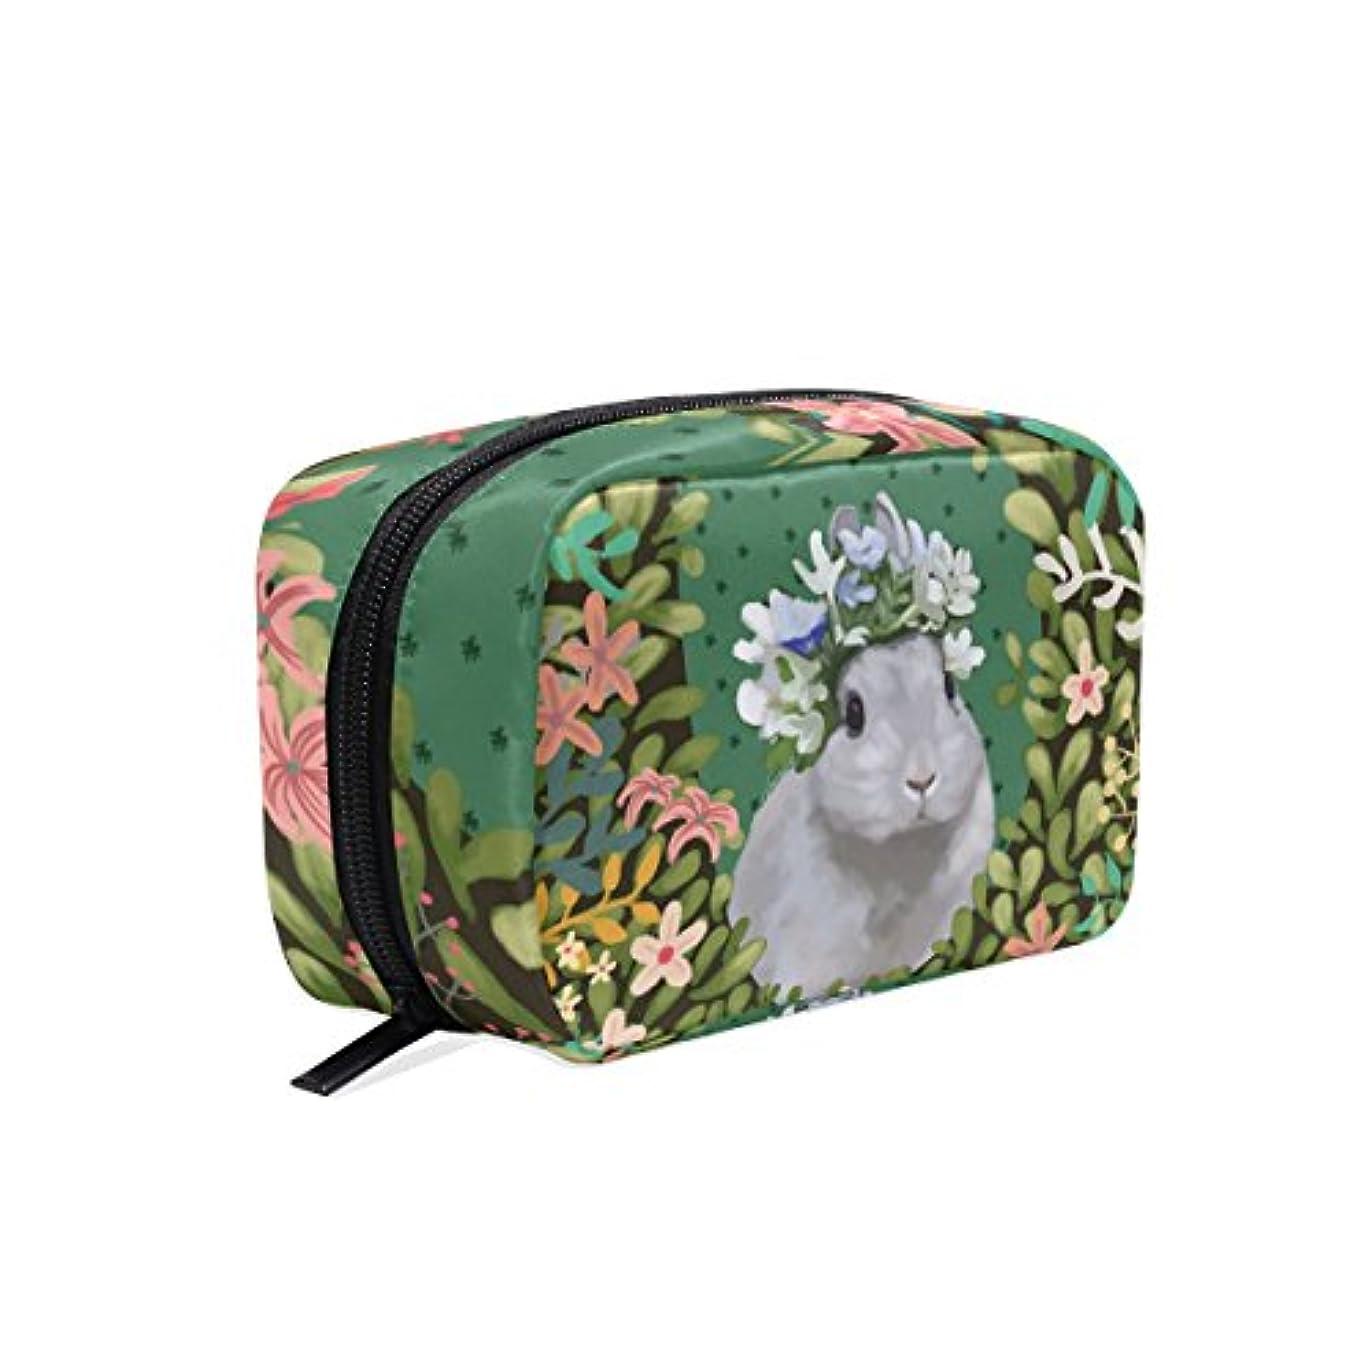 バララ (La Rose) 化粧ポーチ メイク 洗面用具入れ 大容量 軽量 おしゃれ 多機能 かわいい ウサギ 兎柄 花柄 コスメポーチ 小物入れ 収納バッグ 女性 雑貨 プレゼント